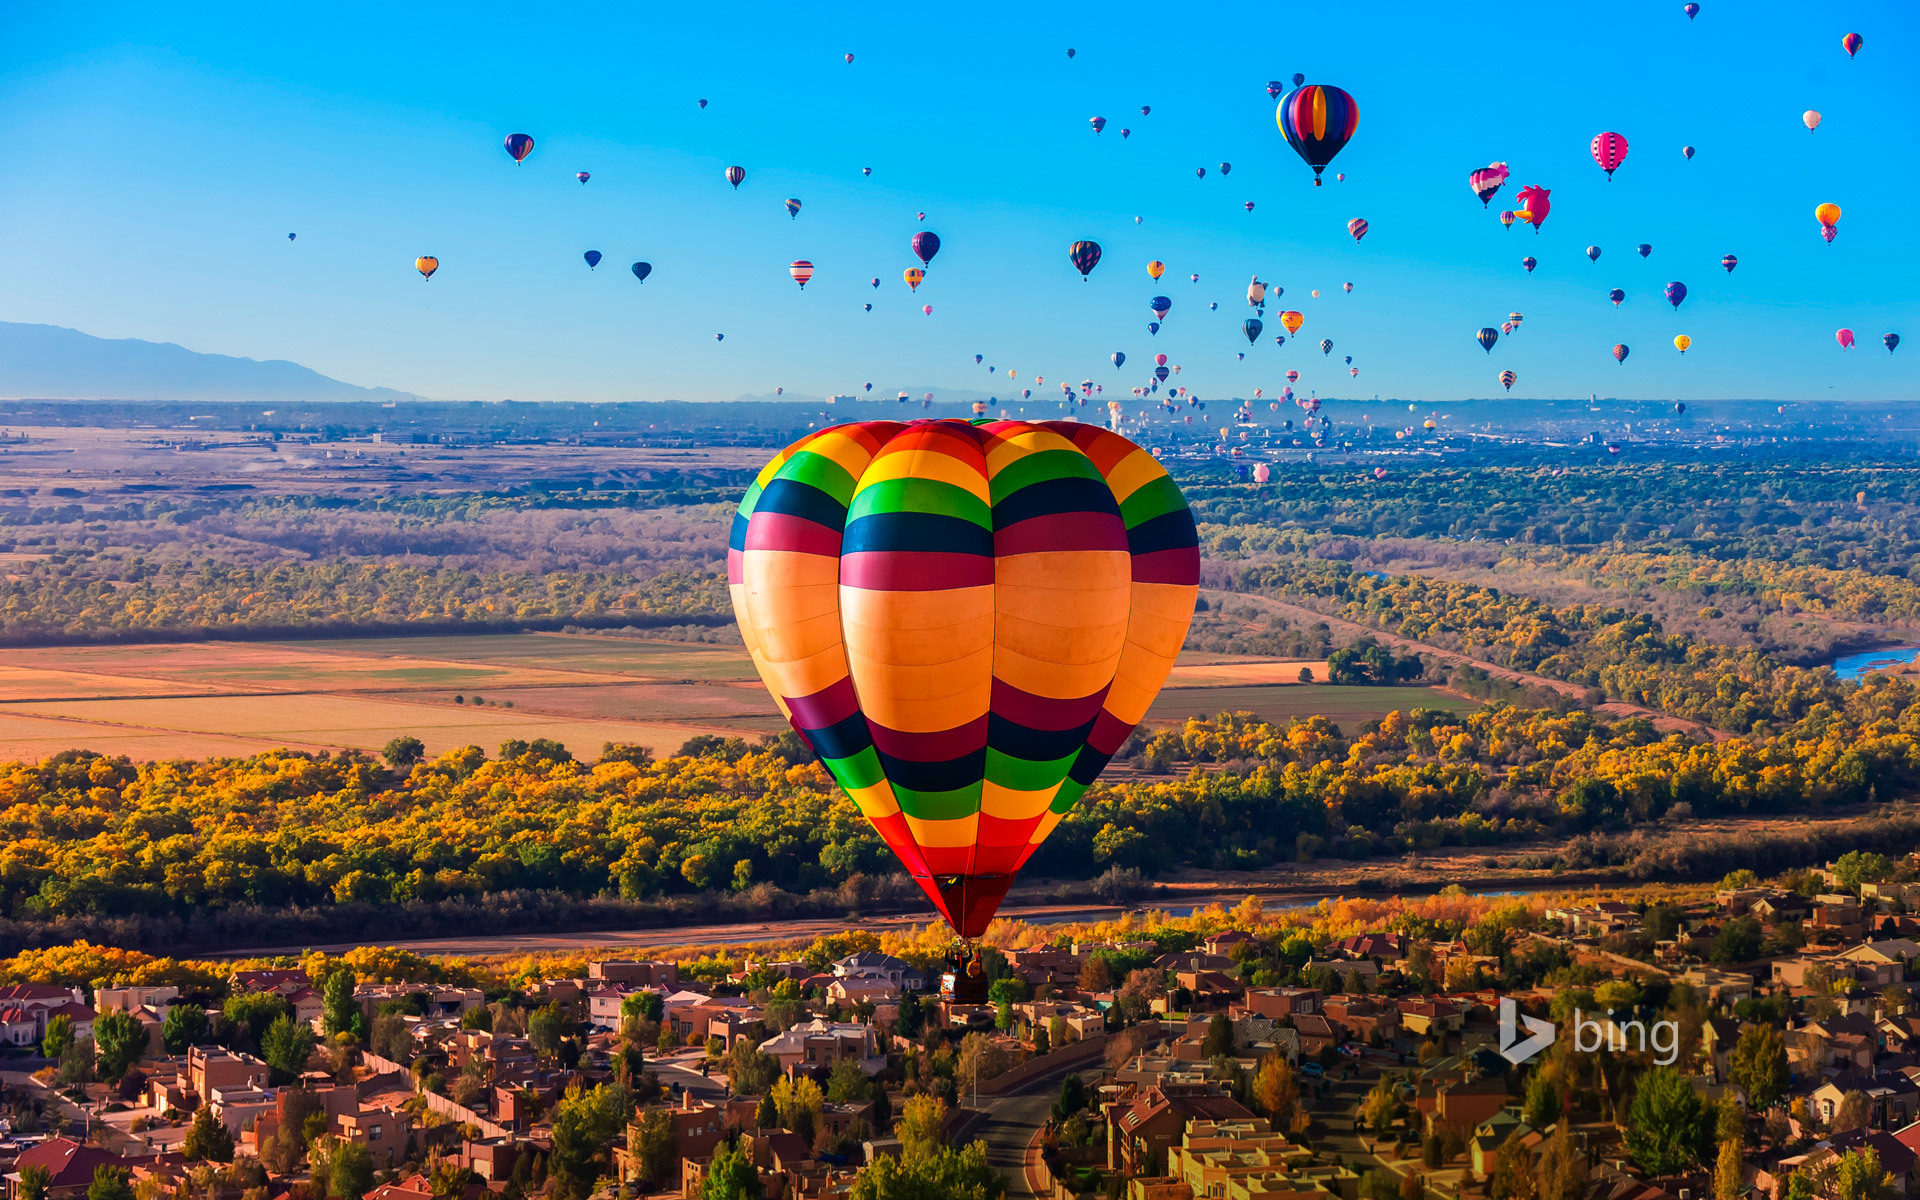 Обои воздушные шары, Облака, аэростаты, Монгольфьеры. Авиация foto 11